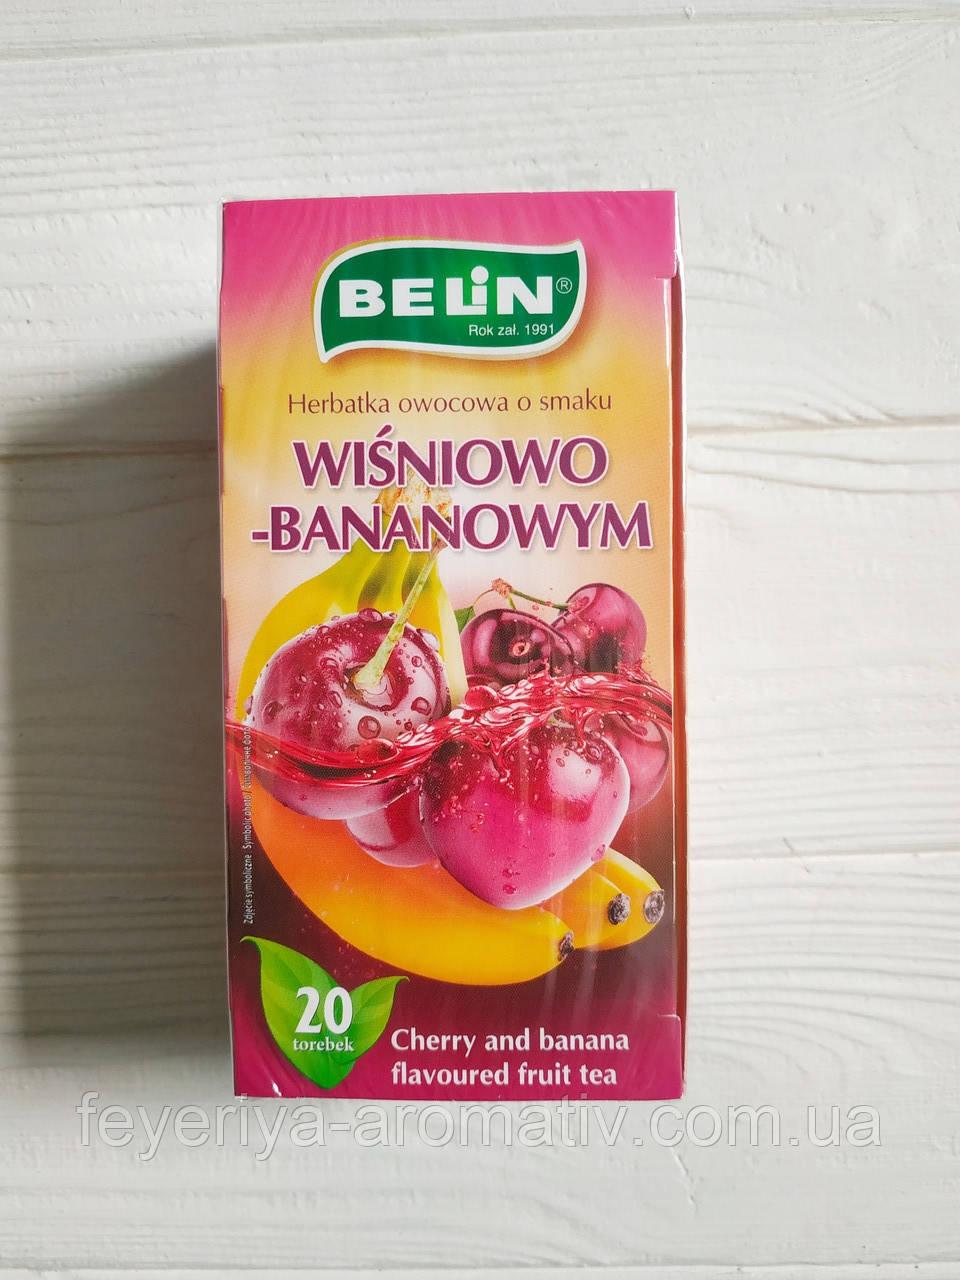 Чай фруктовый в пакетиках Belin Wisniowo-bananowy 20пак. (Польша)